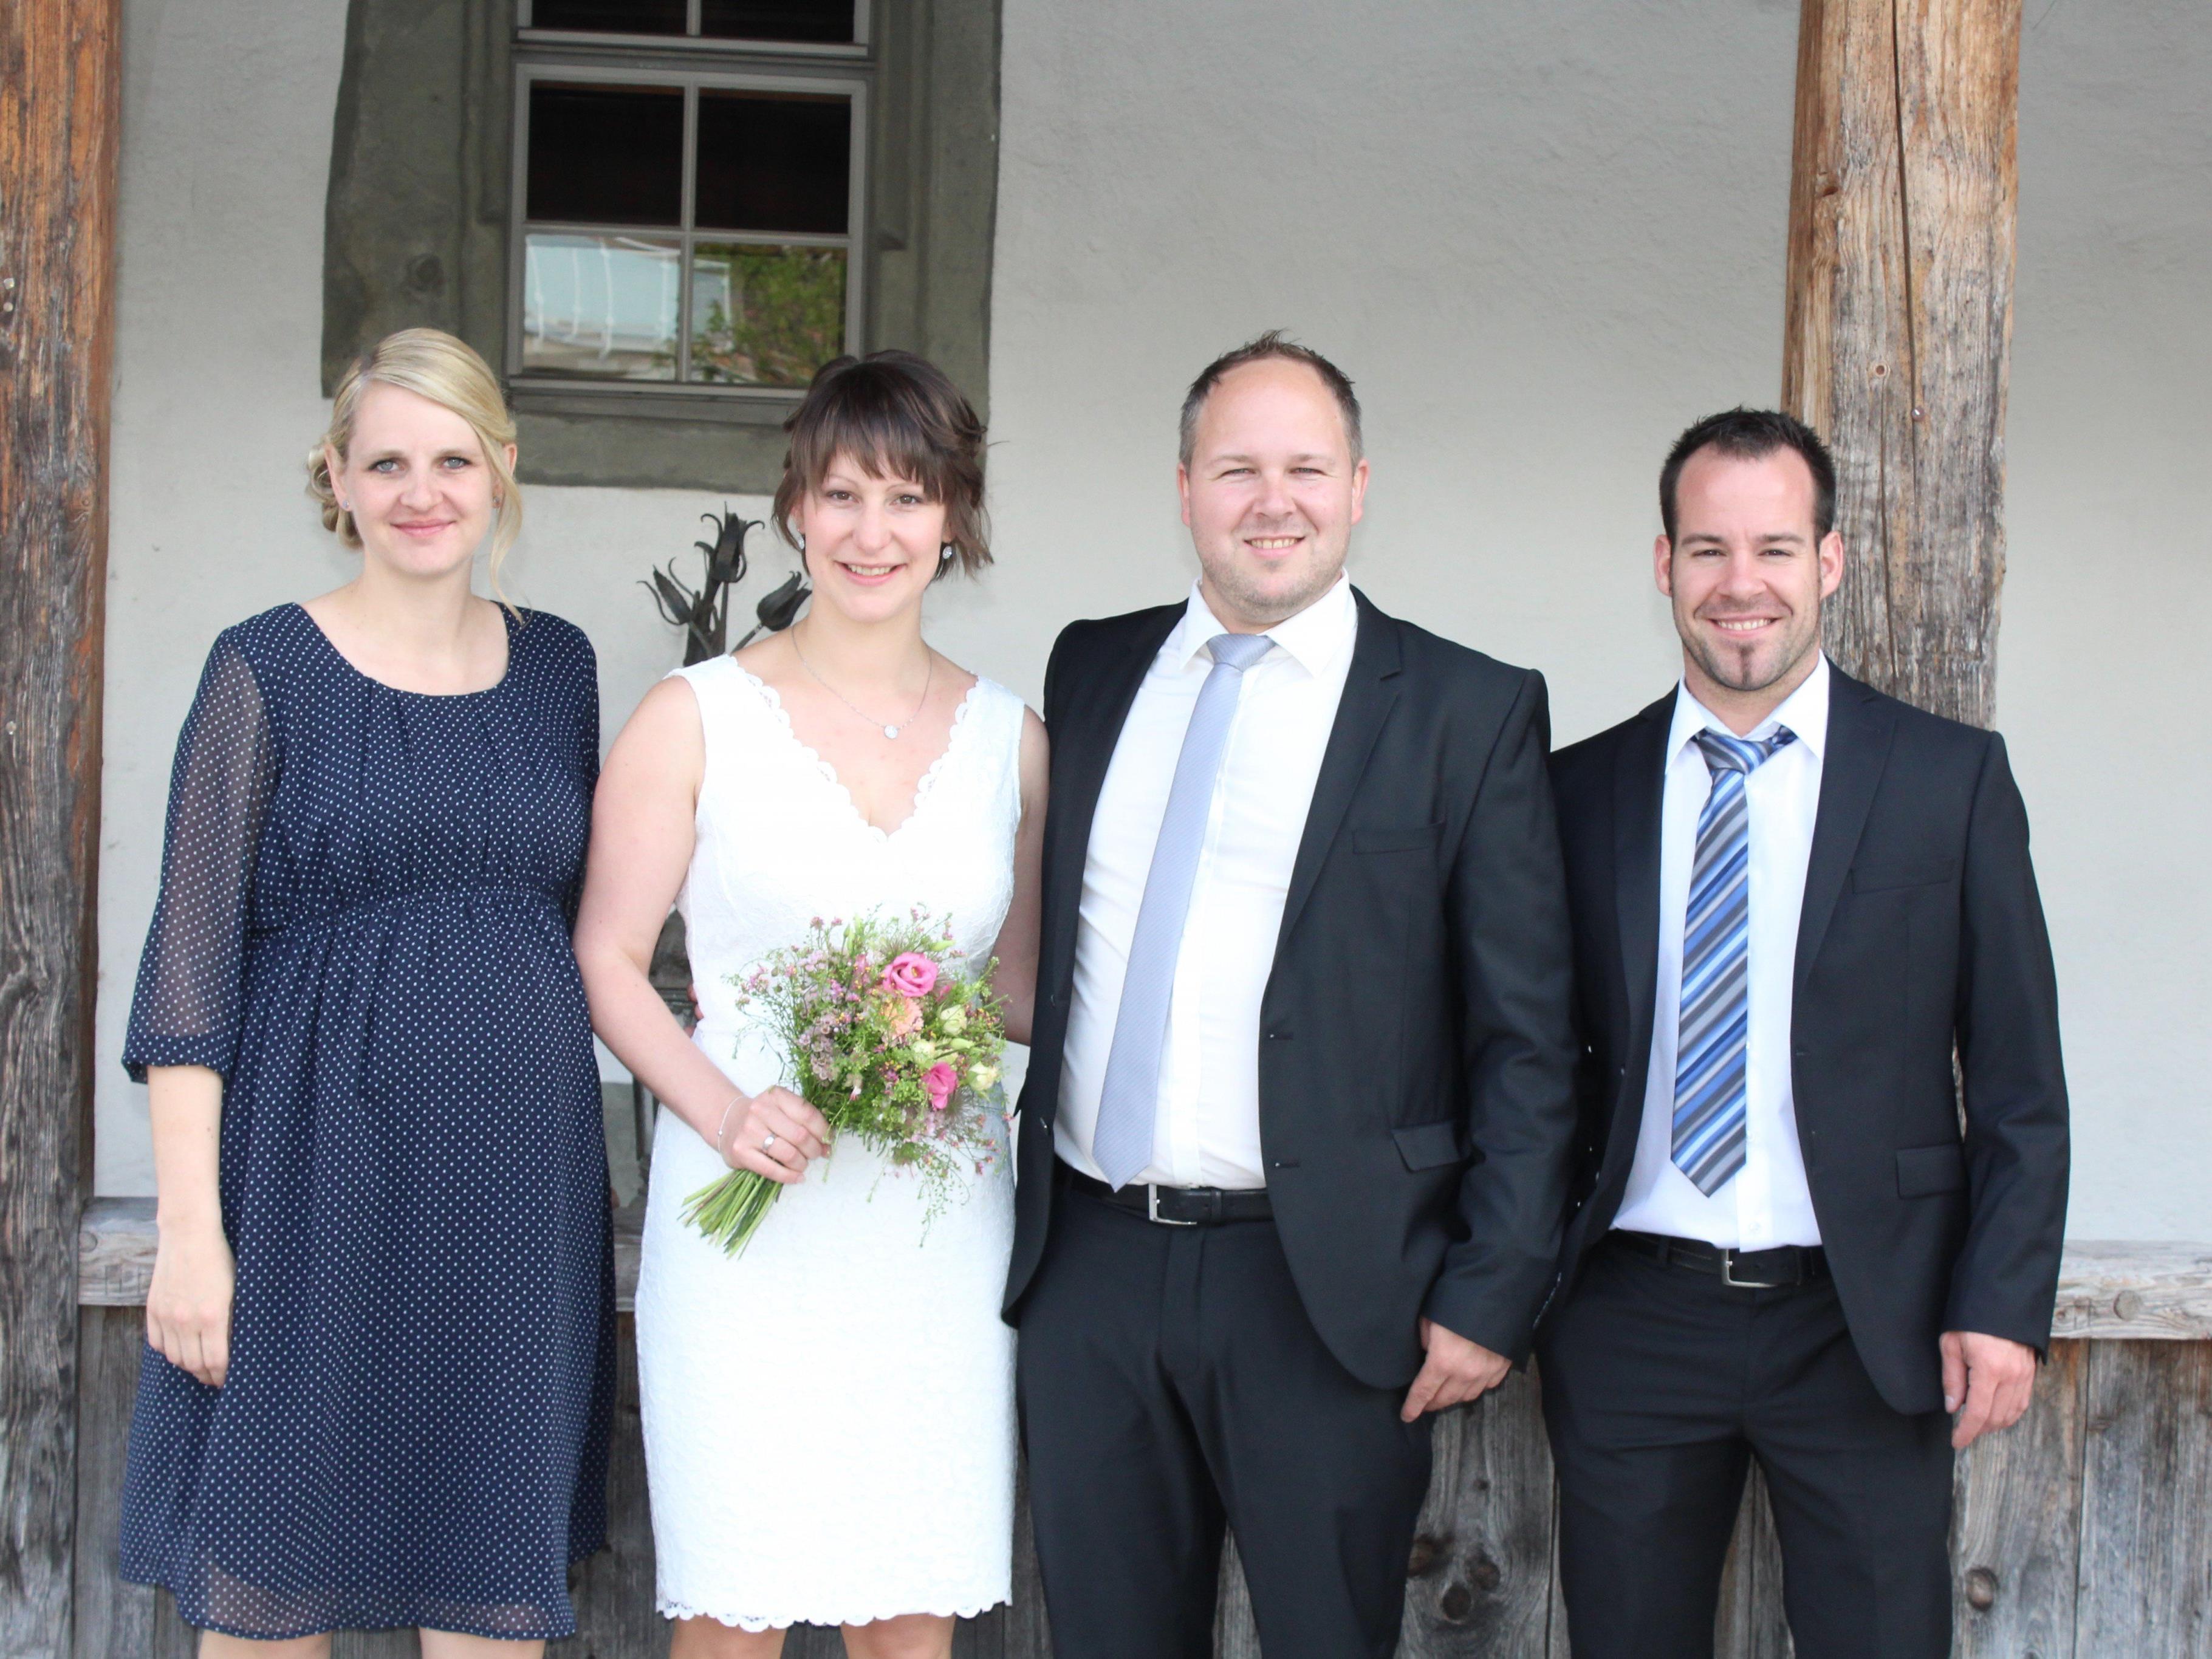 Das Brautpaar mit den Trauzeugen.